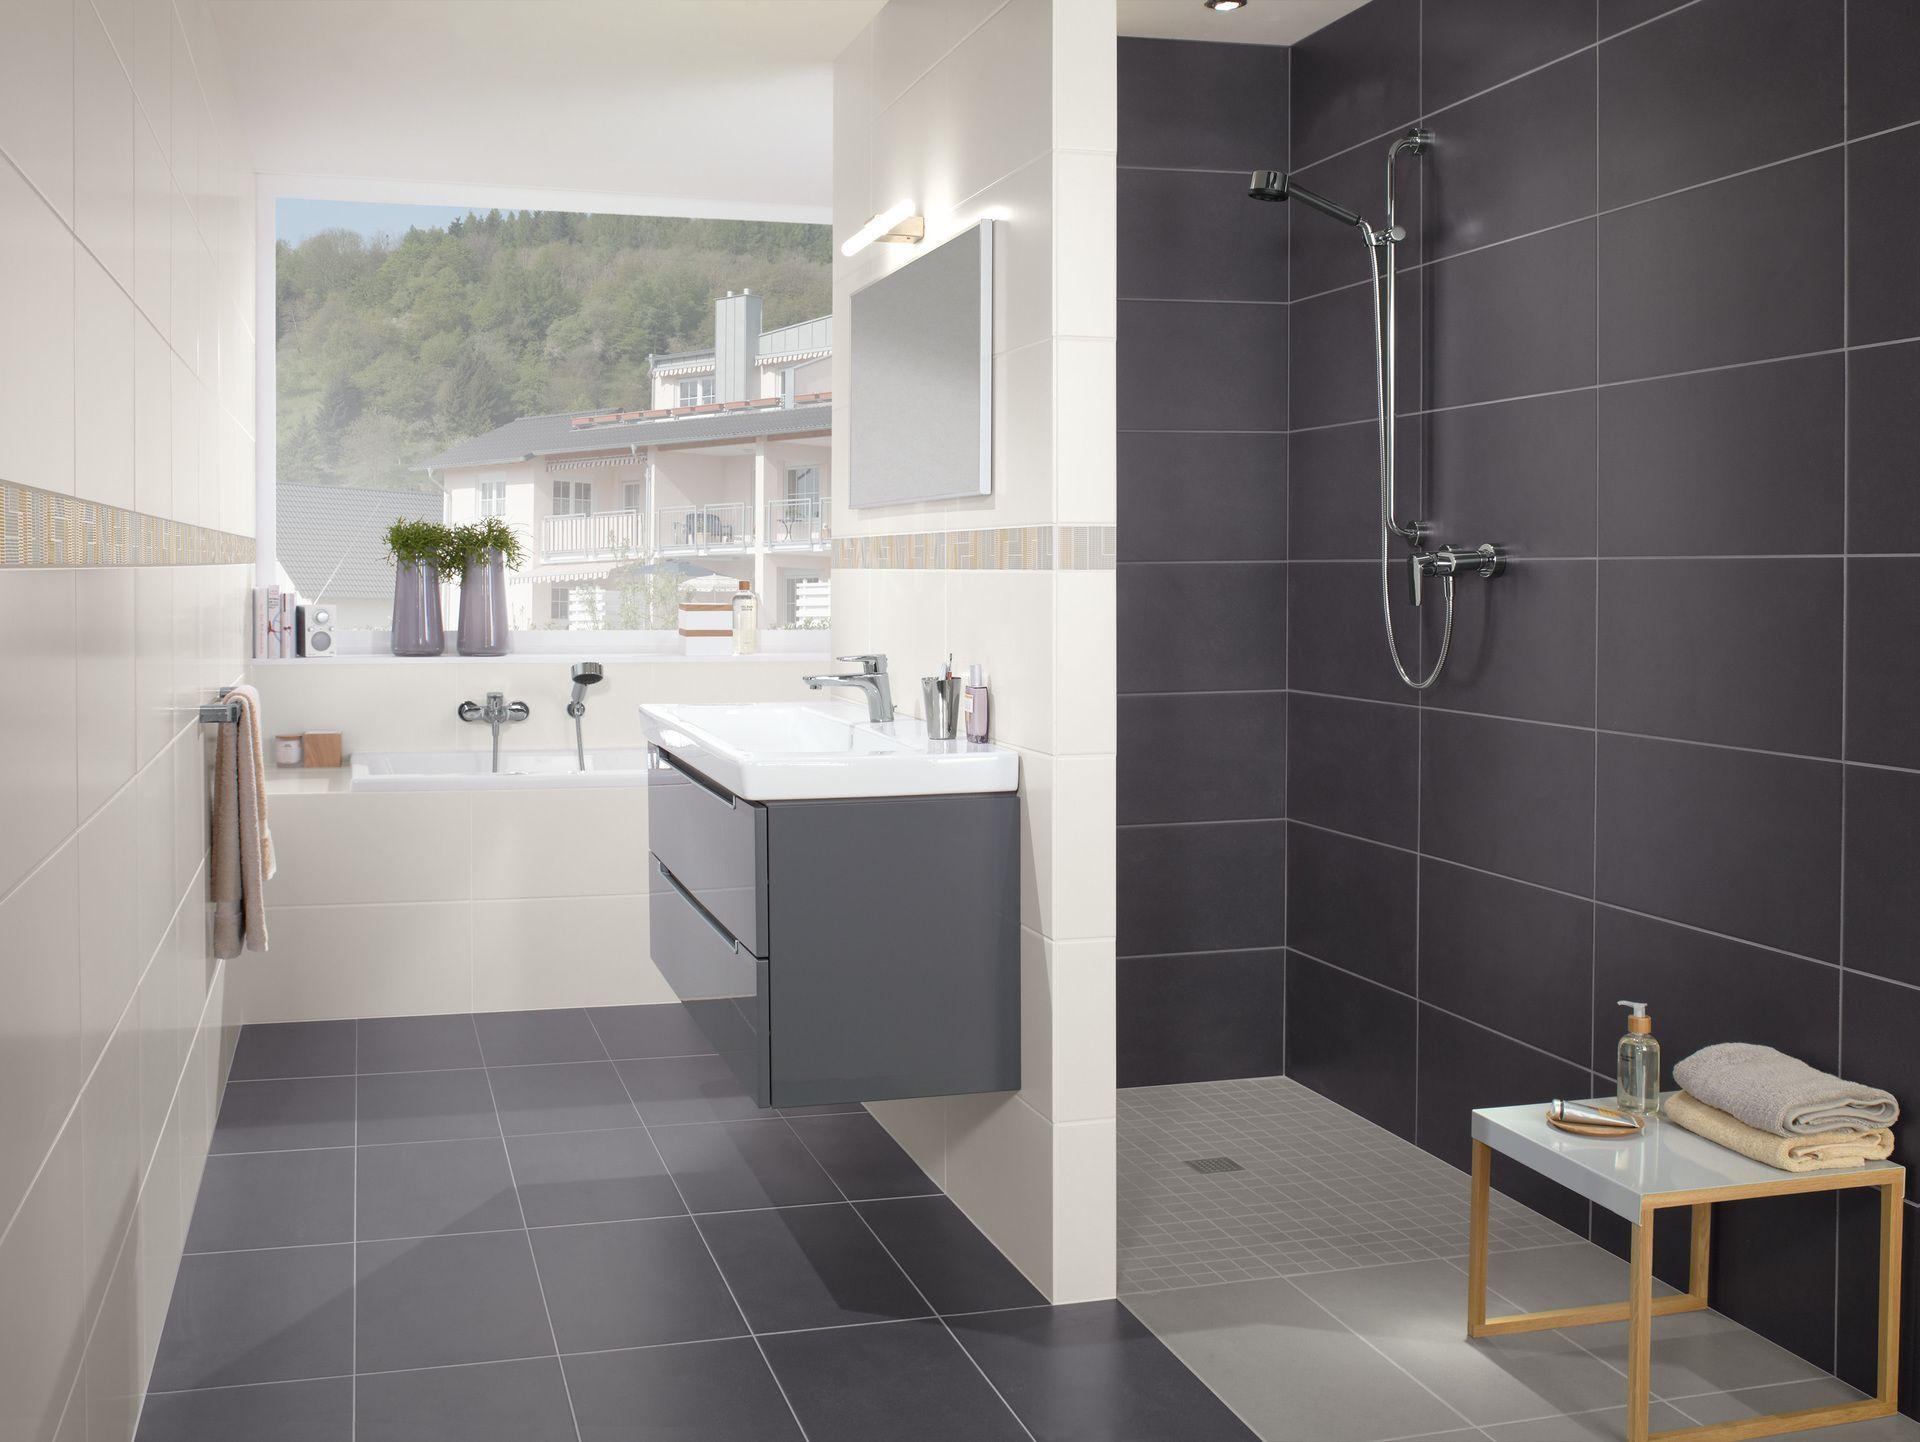 Wand Und Bodenfliesen attraktive v b wand und bodenfliesen im modernen wohnungsbau v